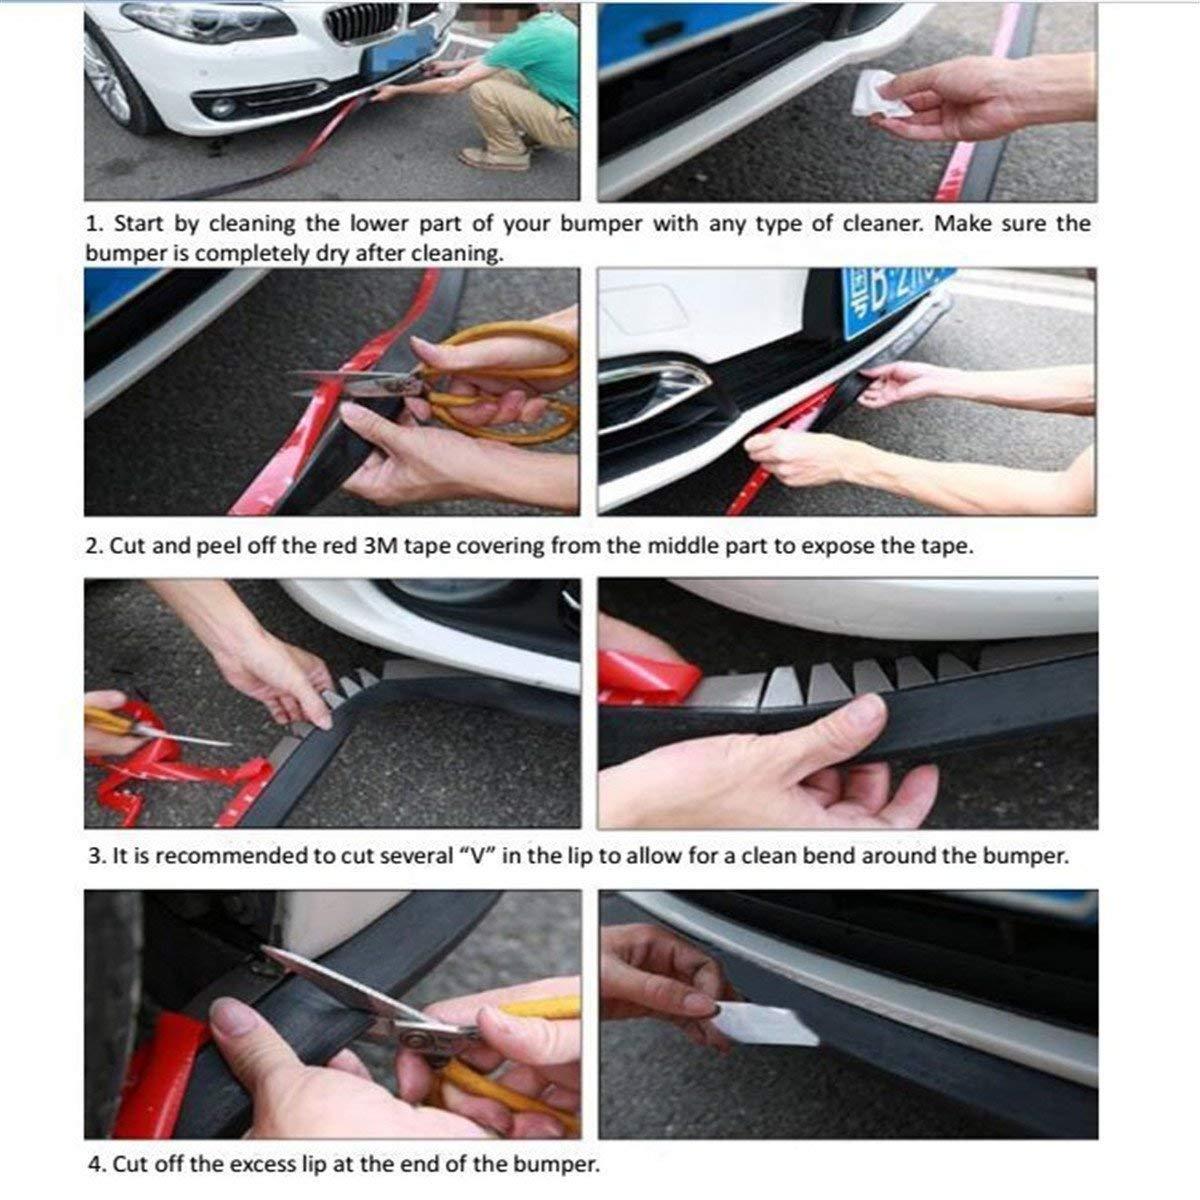 Nero + Argento Spoiler Protezione Paraurti per Auto CompraFun Protettore Respingente Auto Anteriore Fibra di Carbonio Lip Modanatura Frontale 2.5m Universale Sticker Lip Bumper Forte Appiccicoso